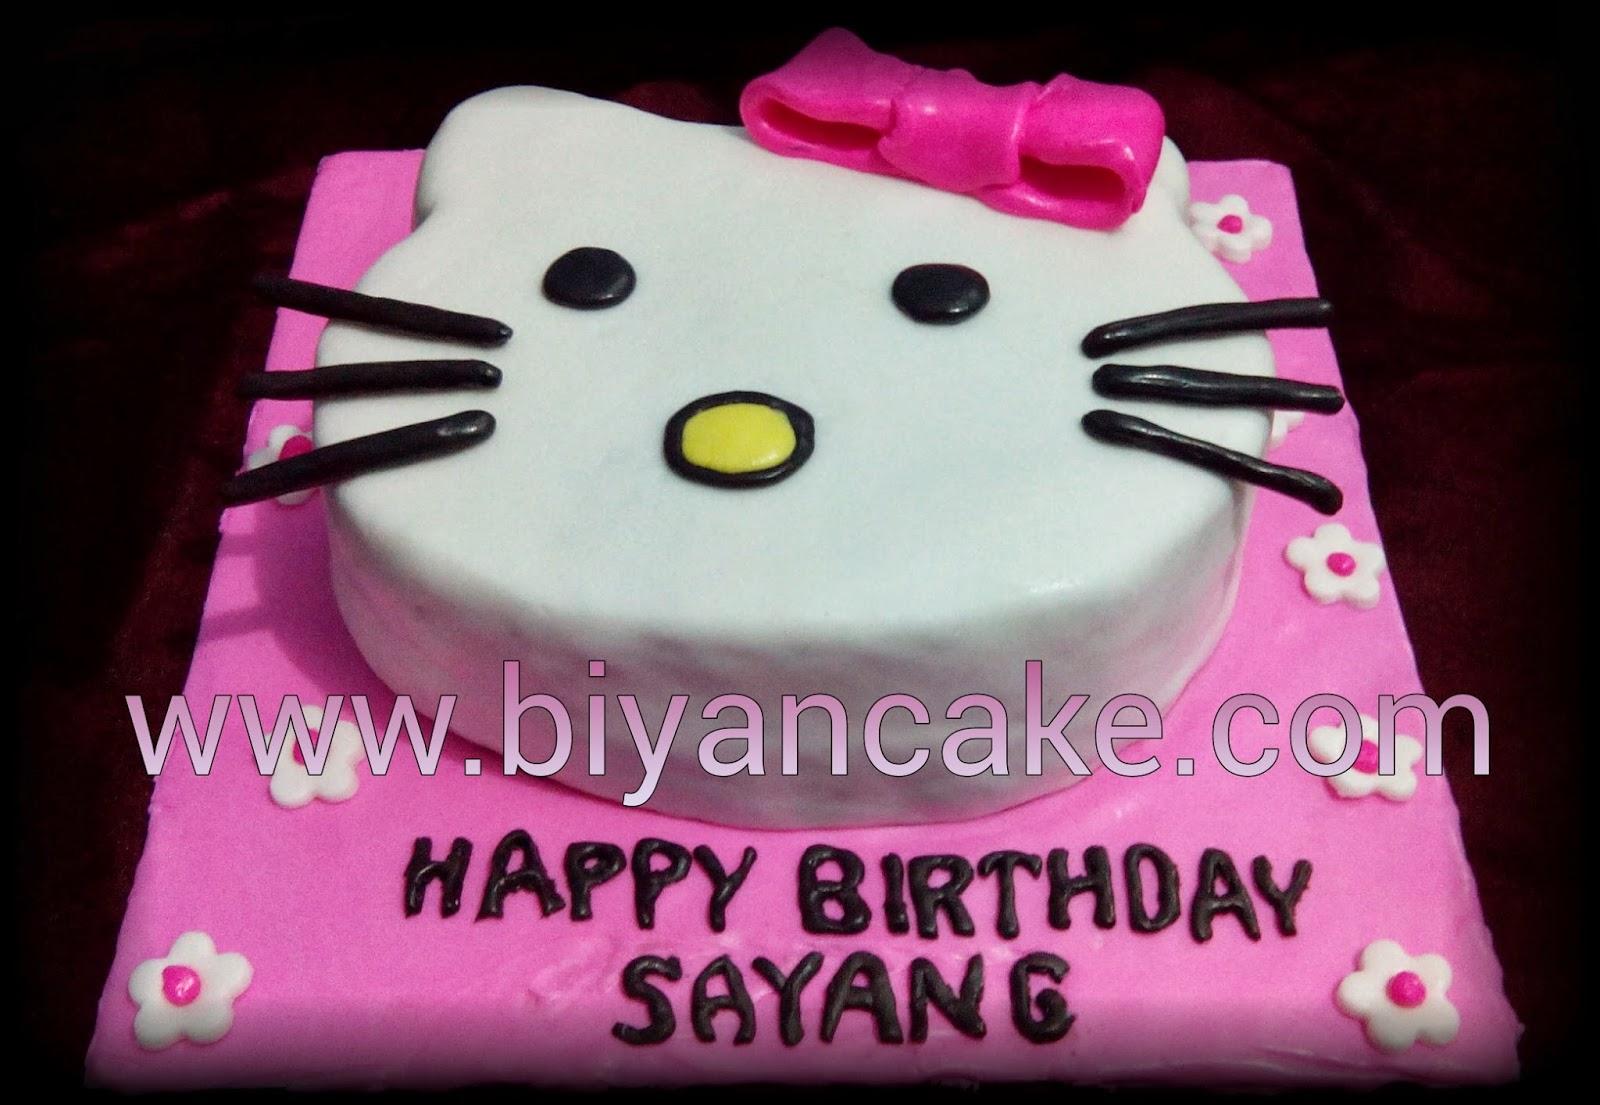 Biyancakes Toko Kue Online Di Bekasi Cake Kepala Hello